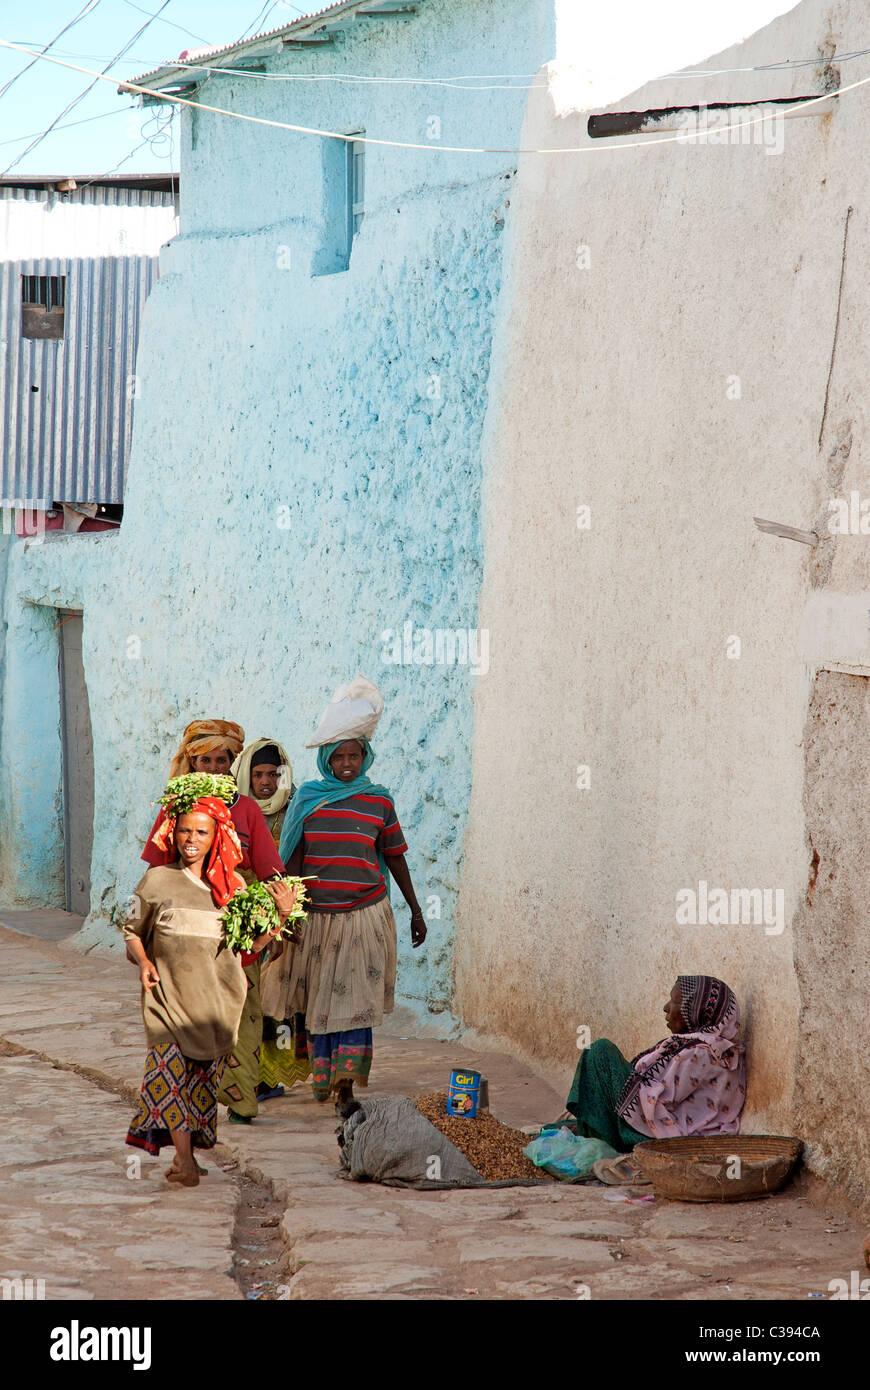 Scena di strada di Harar Etiopia Immagini Stock